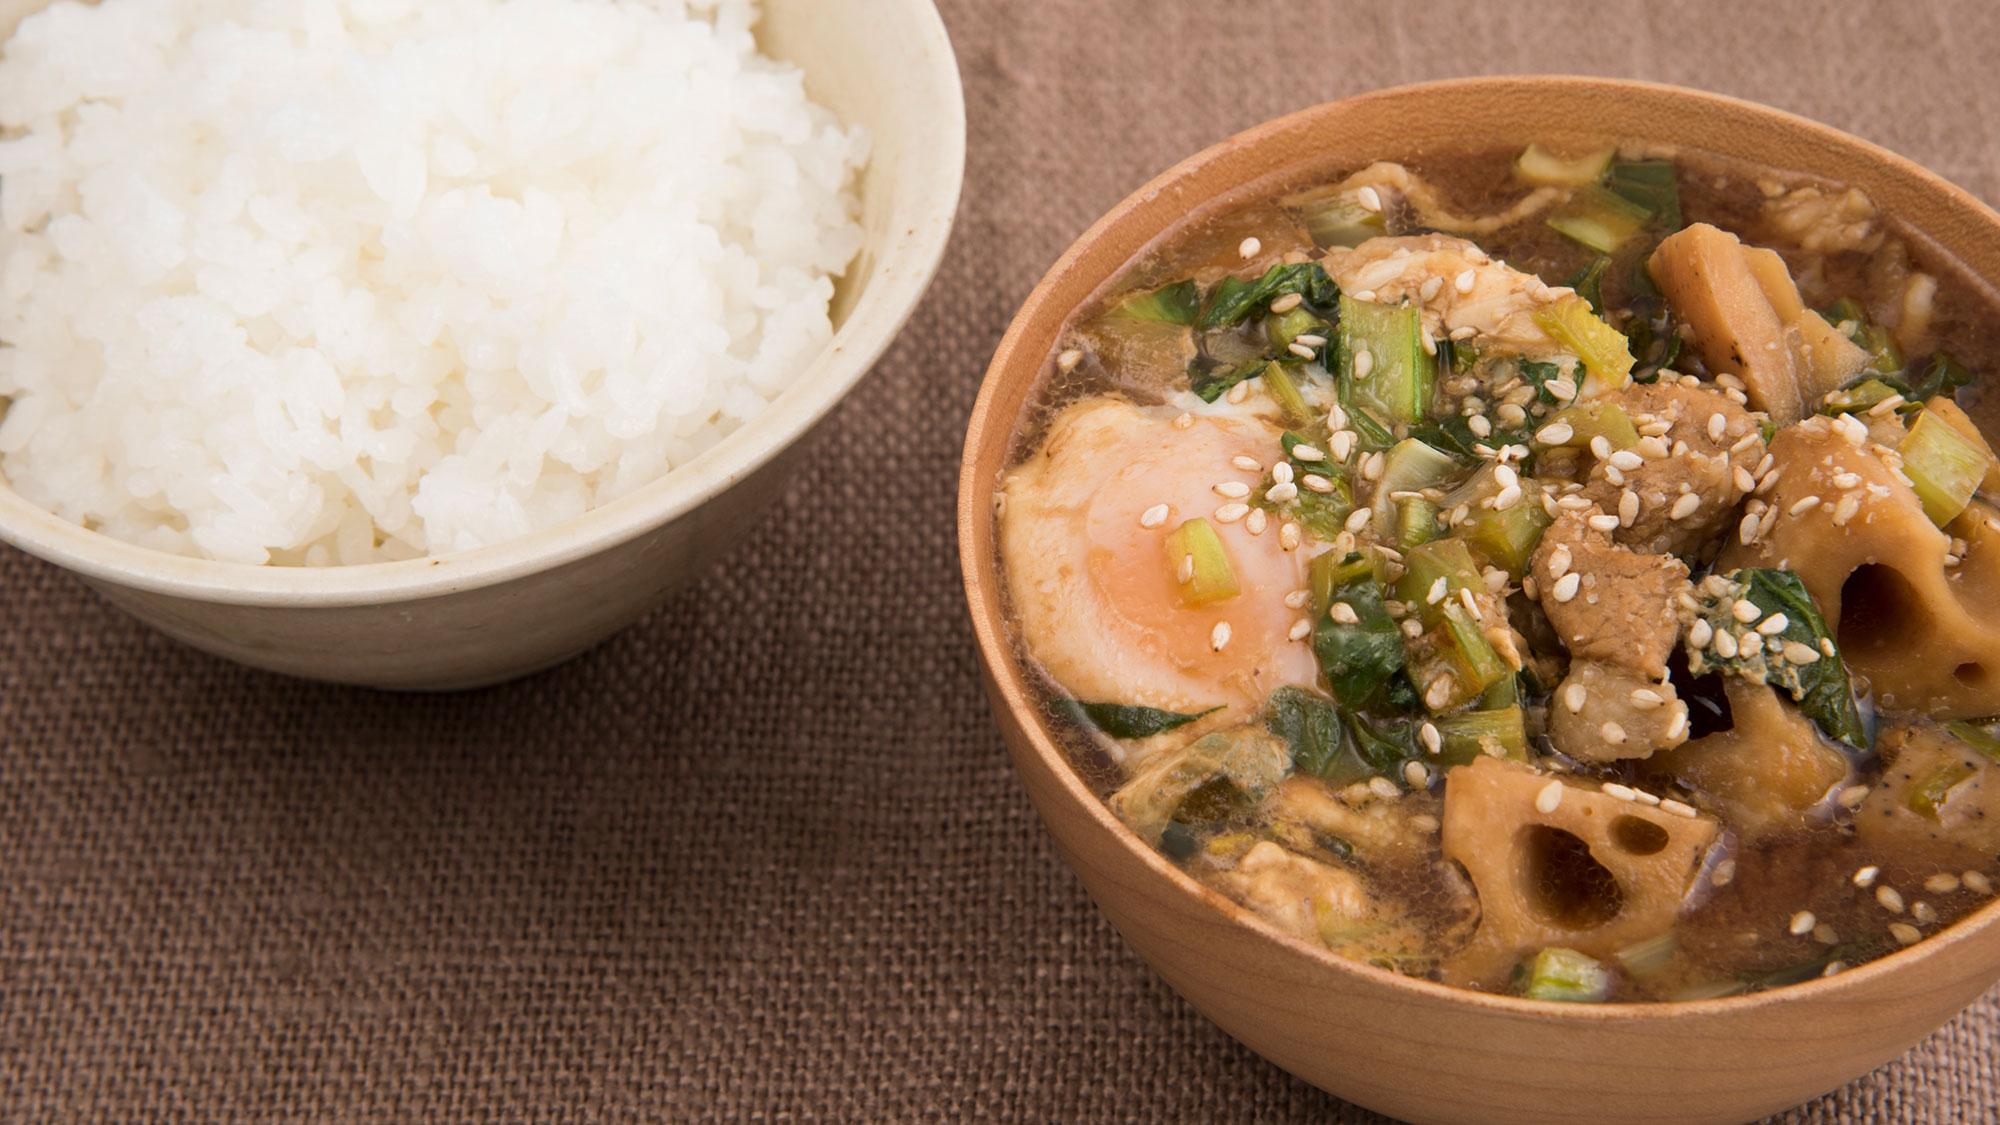 時短でおいしい究極の夕食!料理家ワタナベマキさんのボリュームみそ汁レシピ